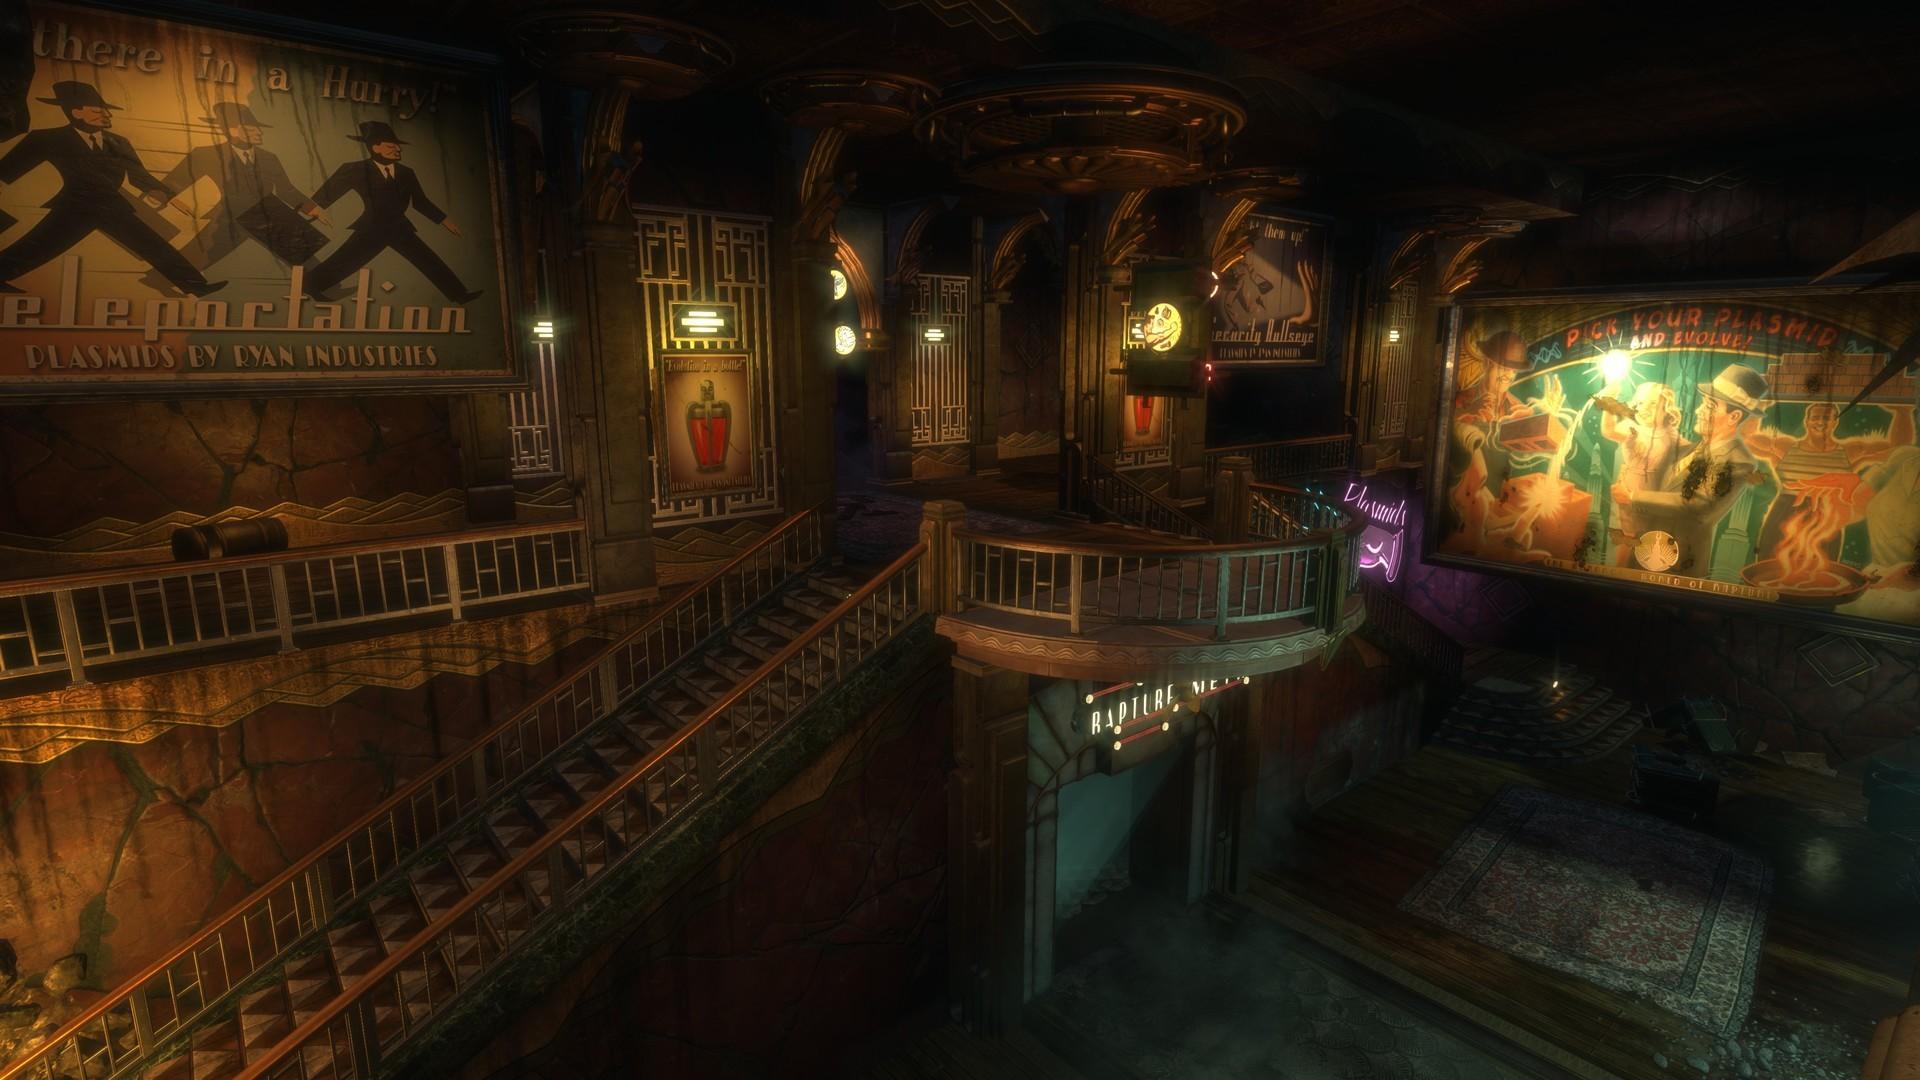 سی دی کی اریجینال استیم بازی BioShock Remastered